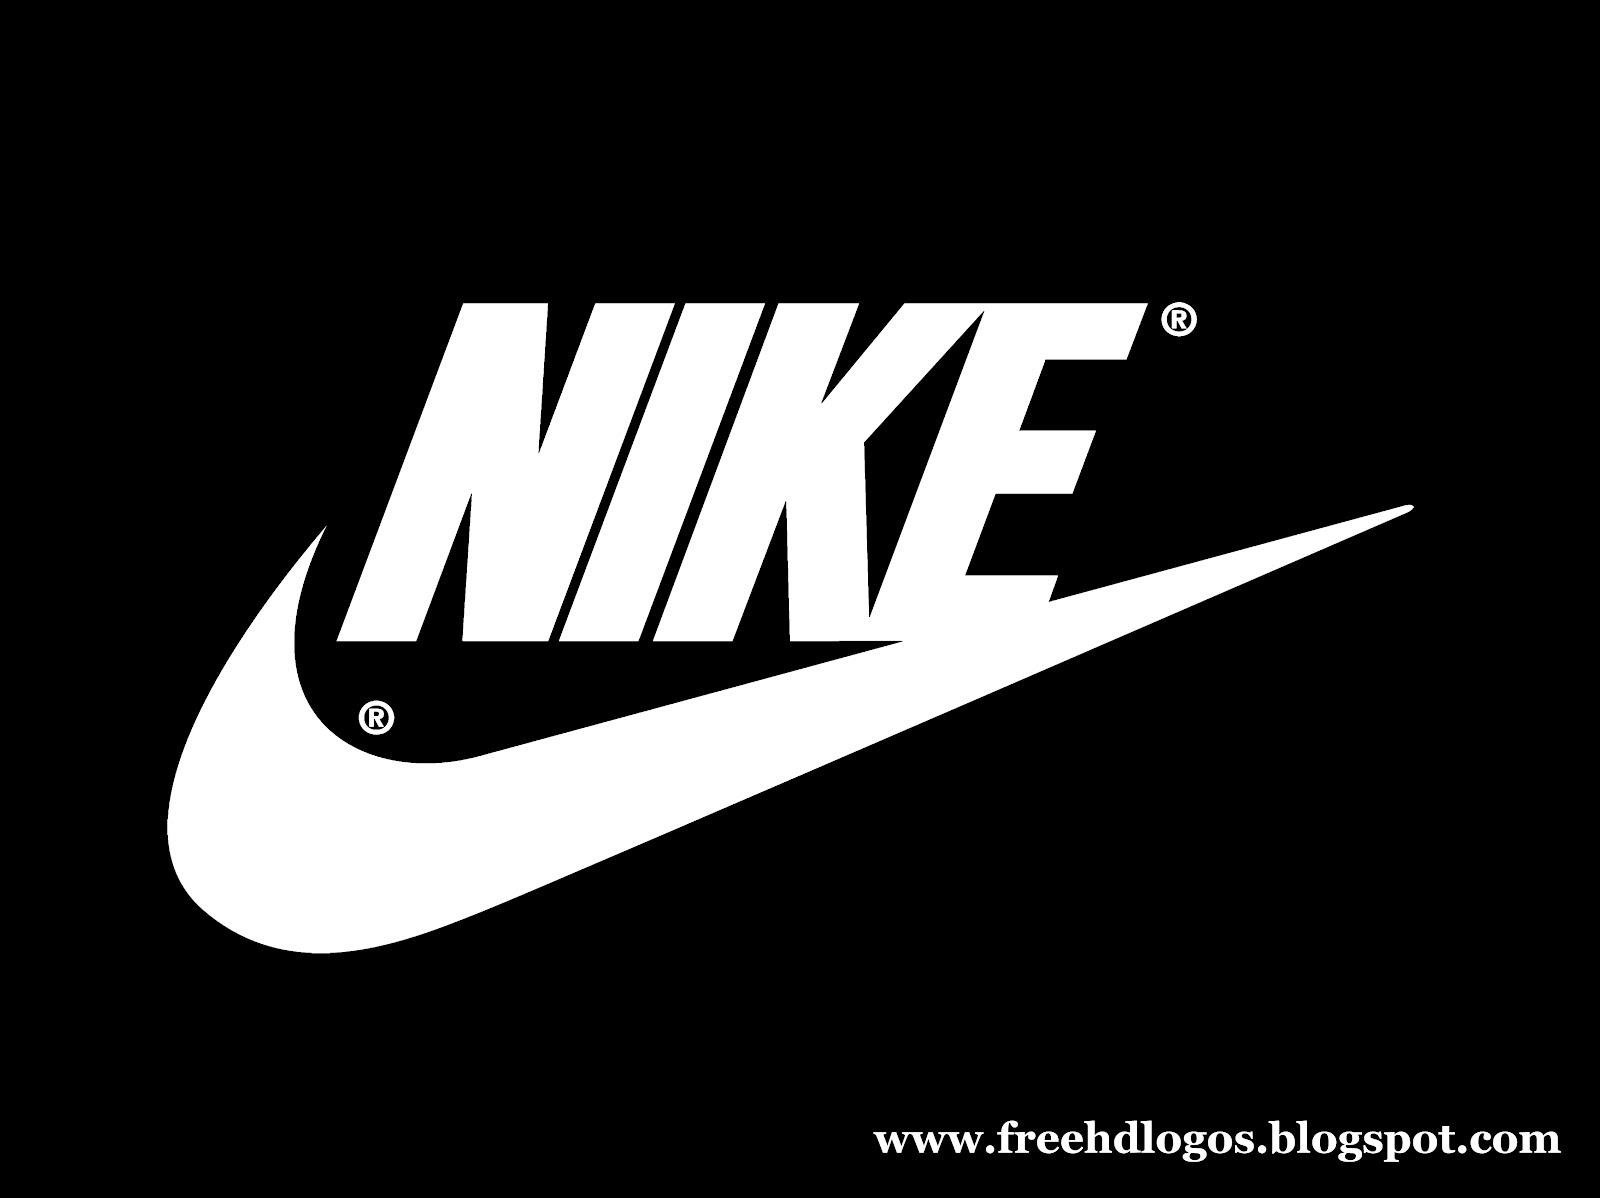 Логотипы найк фото